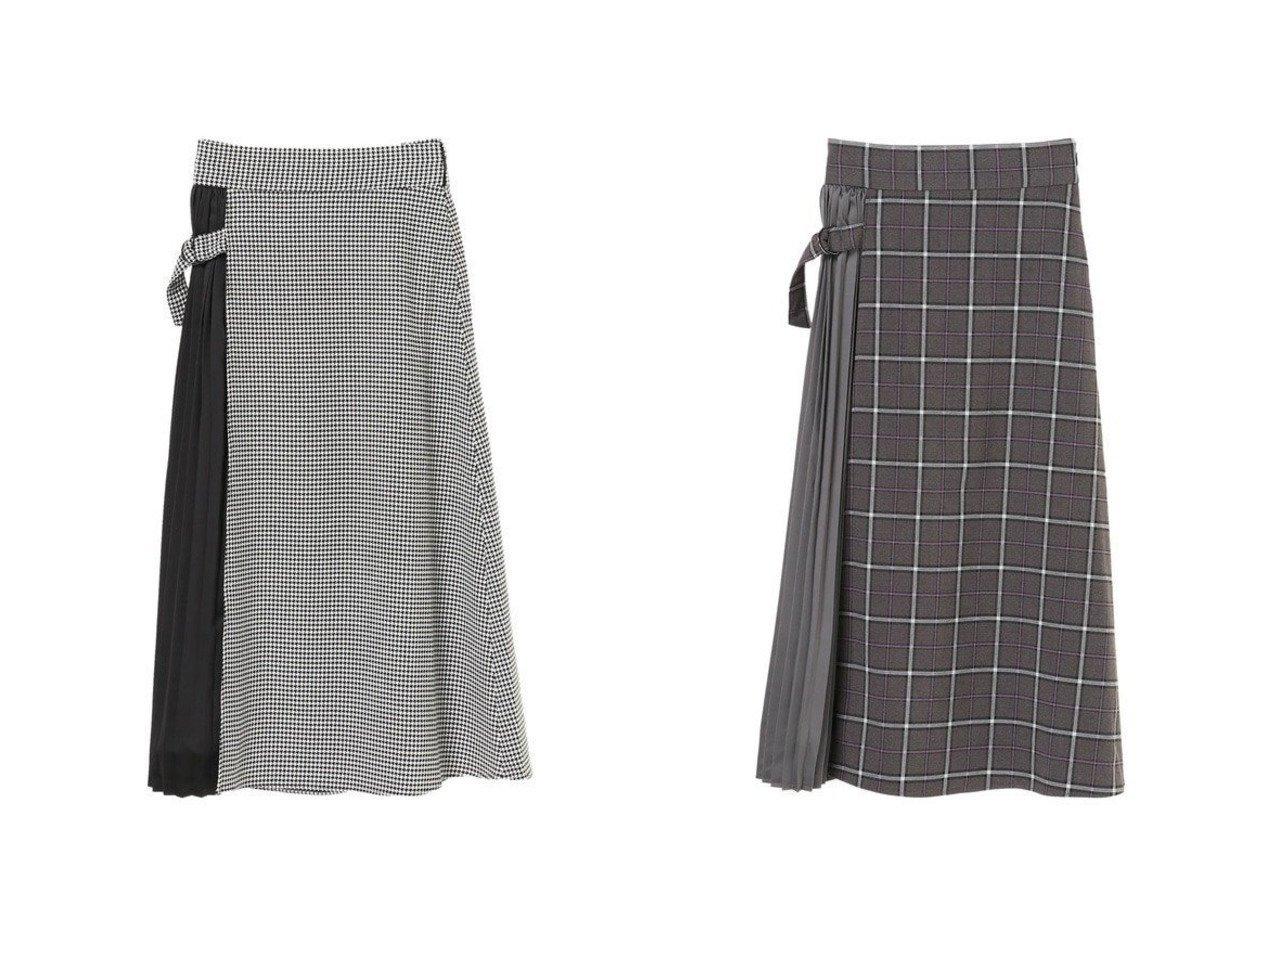 【YECCA VECCA/イェッカ ヴェッカ】の・チェック柄プリーツMIXスカート スカートのおすすめ!人気、トレンド・レディースファッションの通販 おすすめで人気の流行・トレンド、ファッションの通販商品 メンズファッション・キッズファッション・インテリア・家具・レディースファッション・服の通販 founy(ファニー) https://founy.com/ ファッション Fashion レディースファッション WOMEN スカート Skirt NEW・新作・新着・新入荷 New Arrivals 送料無料 Free Shipping エレガント チェック フレア プリーツ |ID:crp329100000018915